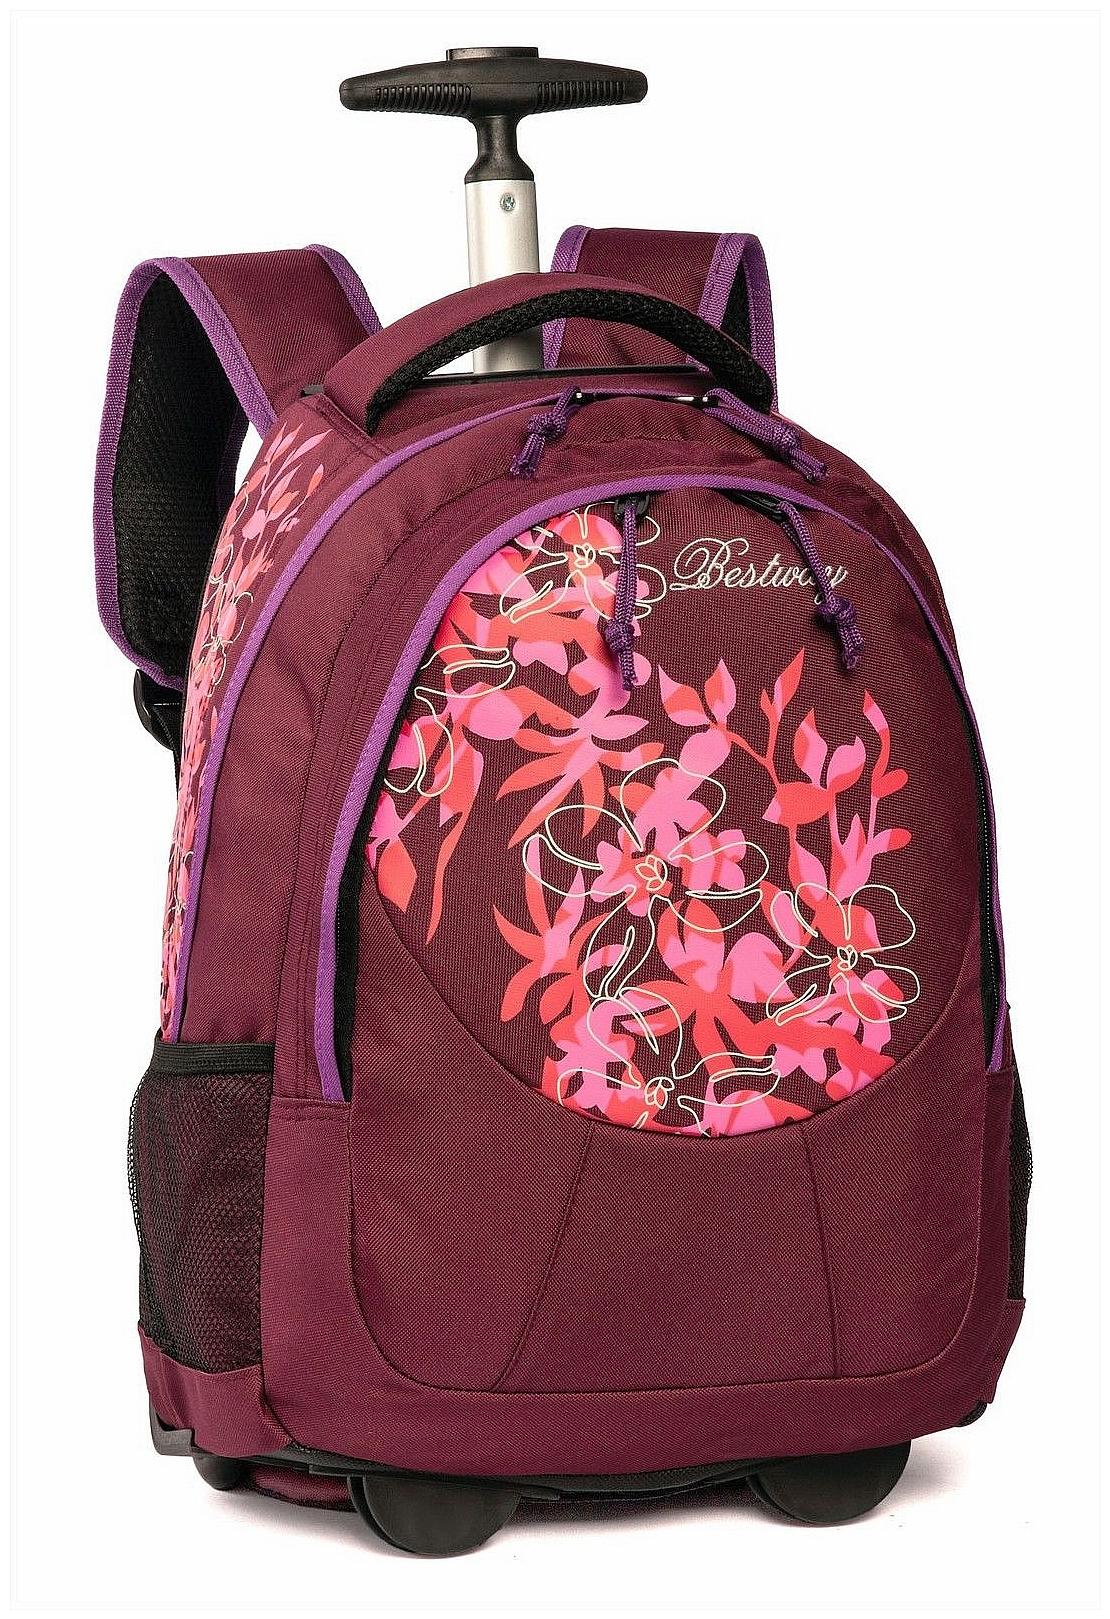 cdbabe16569 BestWay Školní batoh na kolečkách 40028-1922 fialový